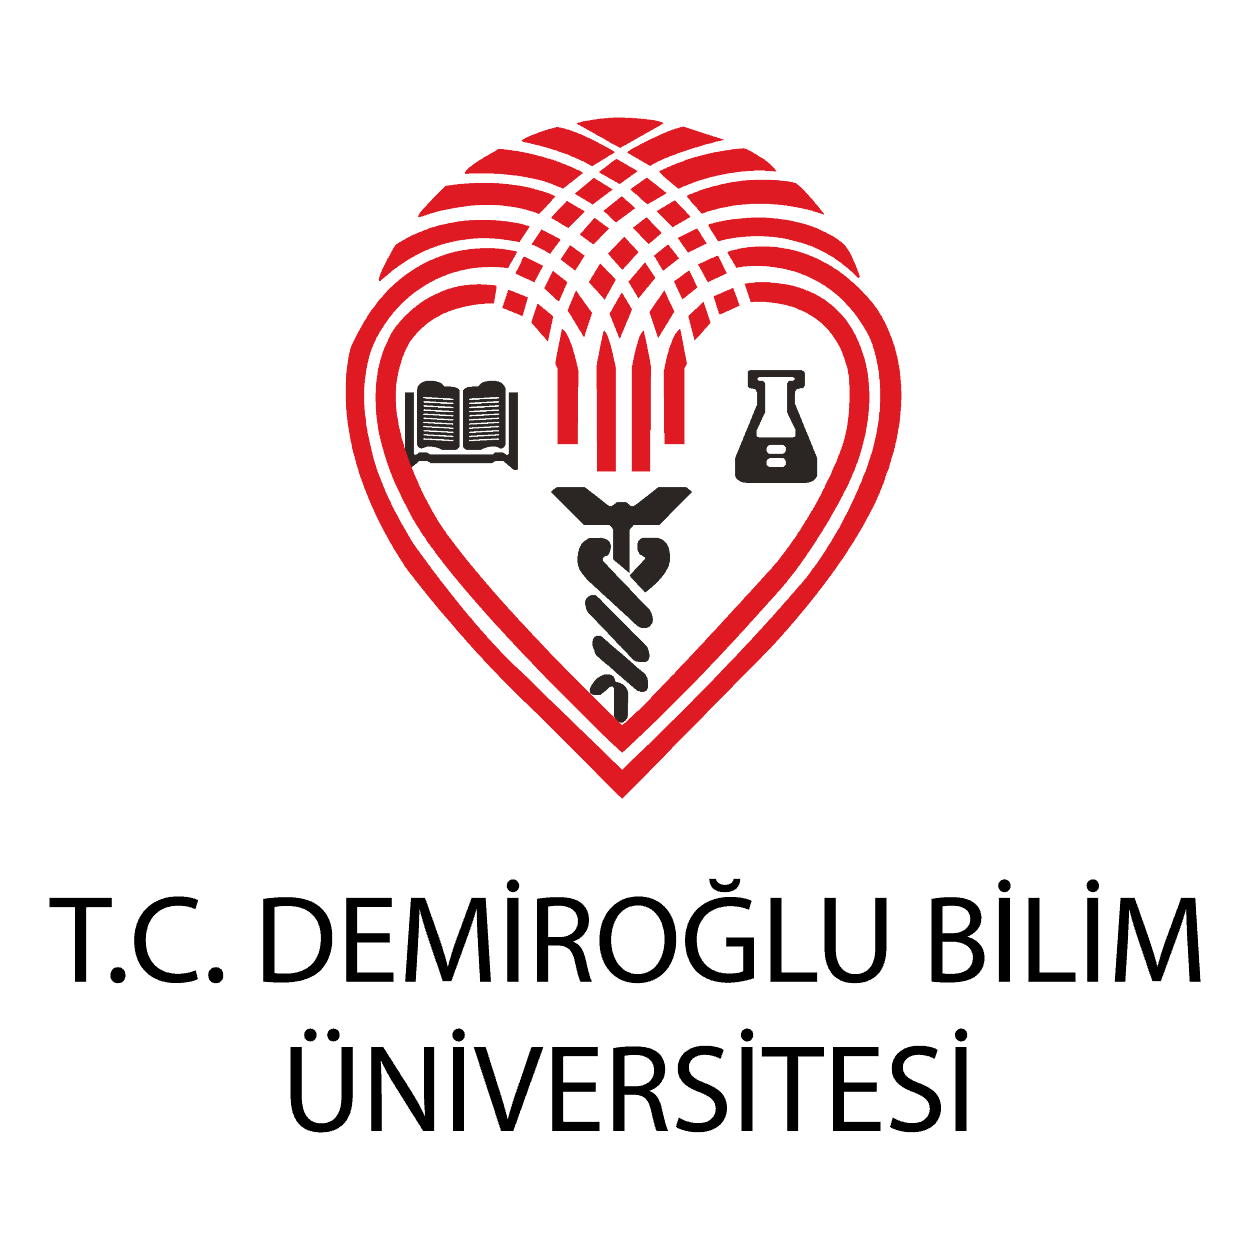 Demiroğlu Bilim University